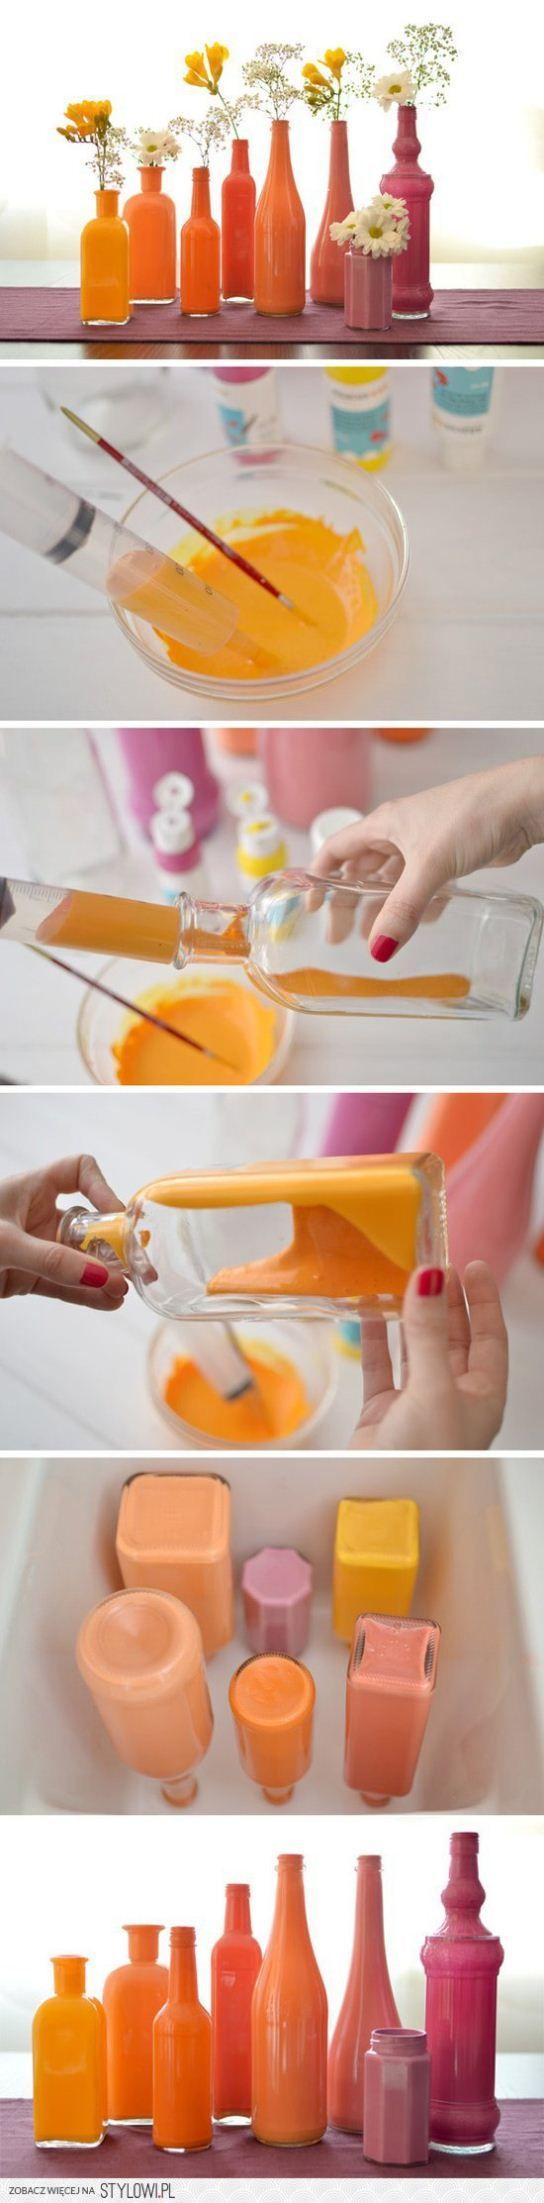 DIY colorful vases!                                                                                                                                                                                 Mehr